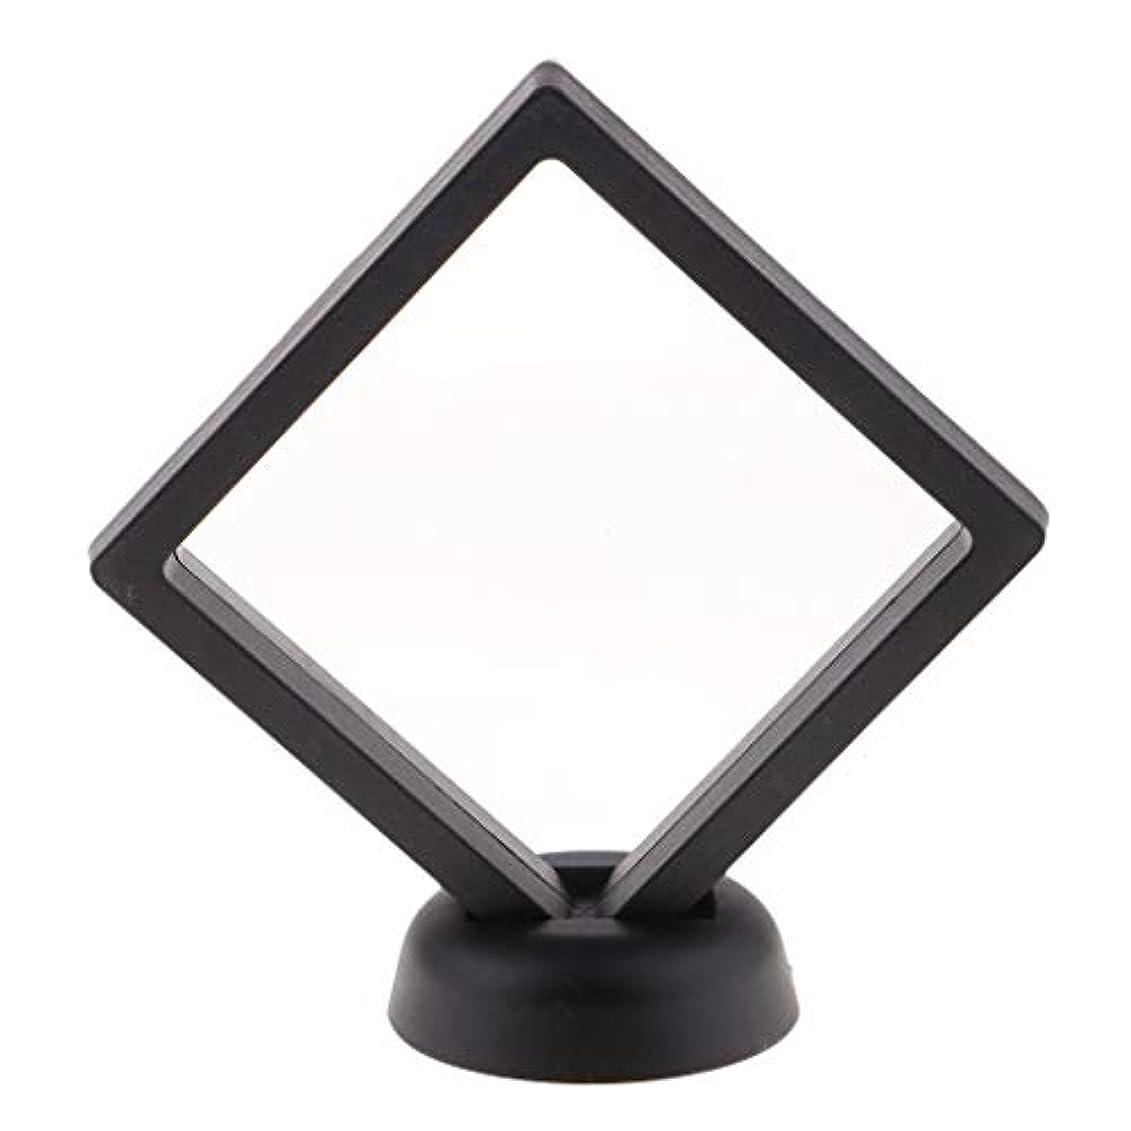 範囲以来そしてネイルアートディスプレイ ネイルチップフレーム サロン マニキュアツールスタンド 2色選べ - ブラック